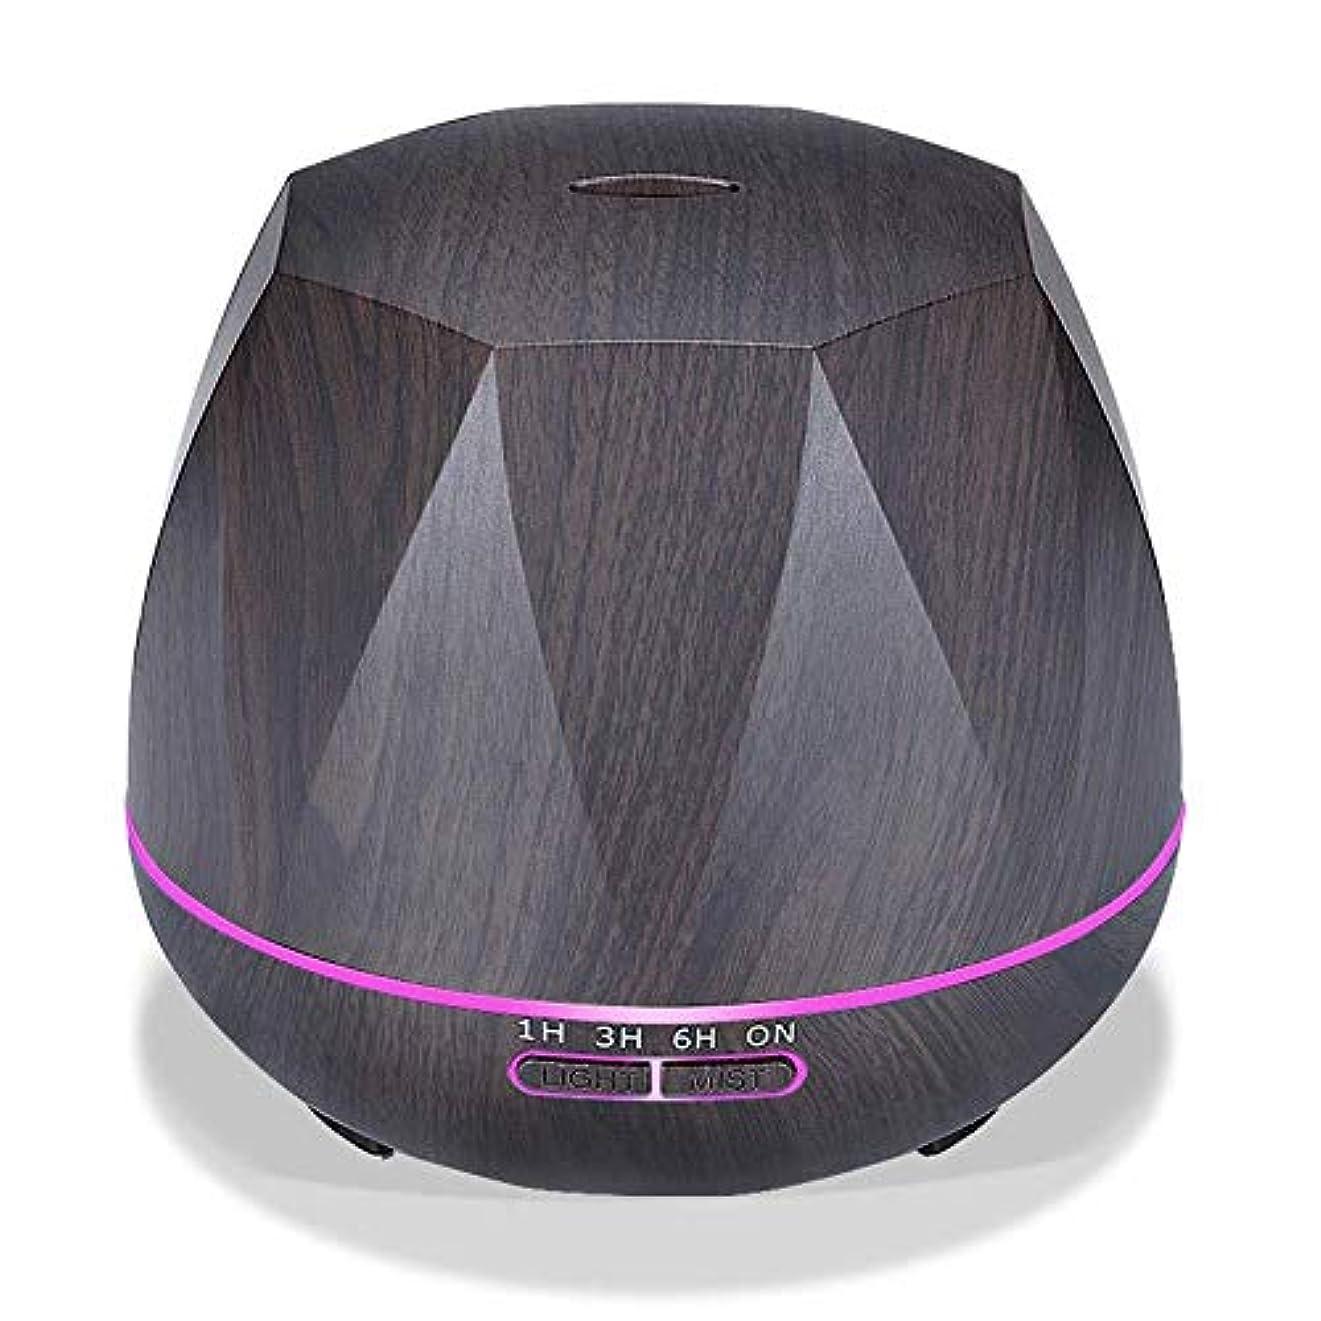 前奏曲机逮捕木目 涼しい霧 加湿器,7 色 空気を浄化 加湿機 時間 デスクトップ 精油 ディフューザー アロマネブライザー Yoga ベッド 寮- 300ml